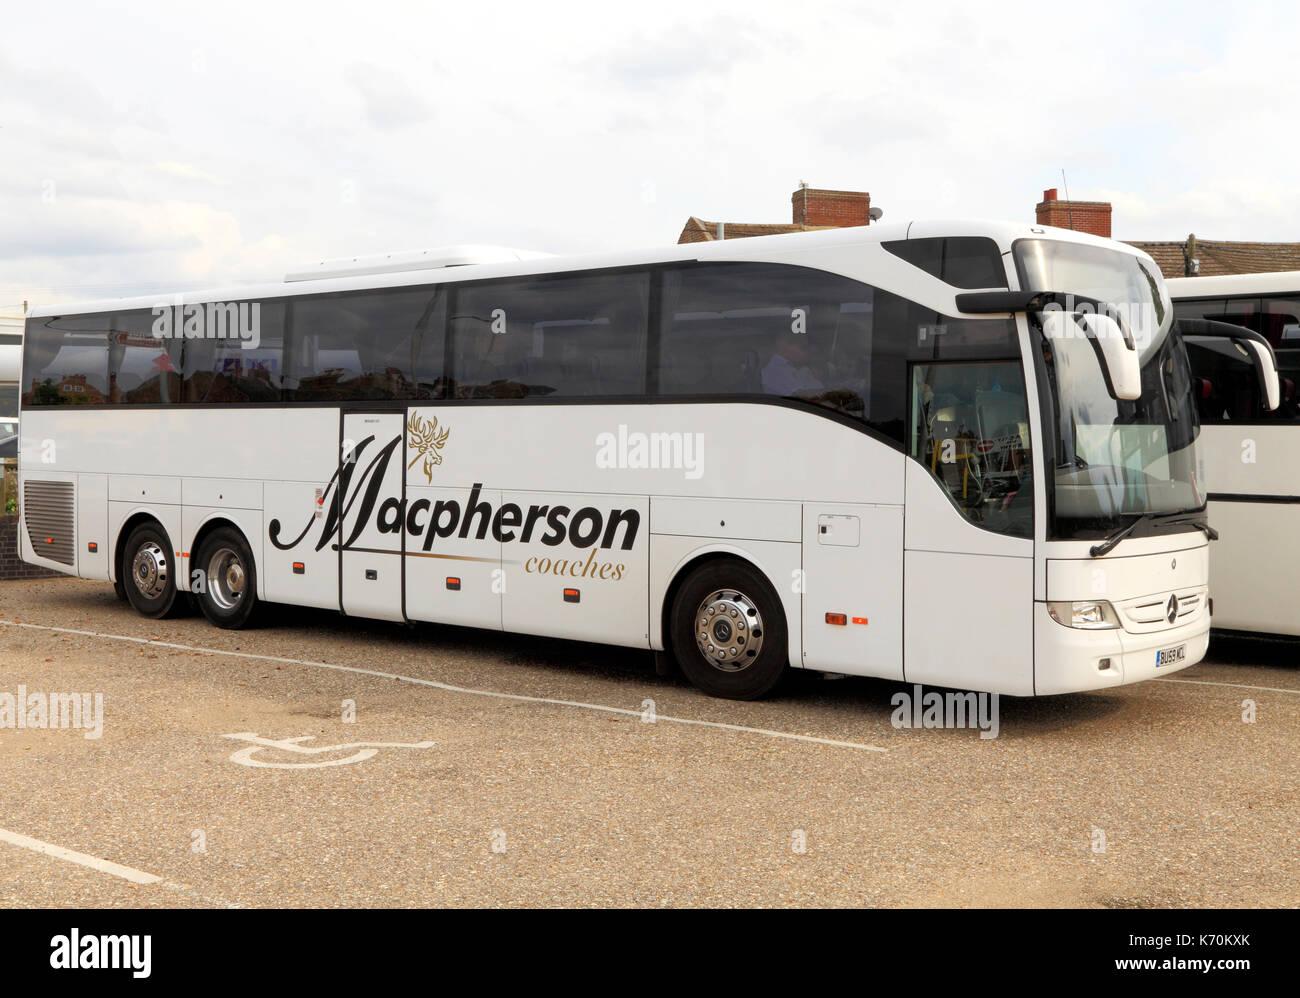 Macpherson Coaches, Trainer, Ausflug, Ausflüge, Ausflug, Ausflüge, Reisen unternehmen, Unternehmen, Verkehr, Reisen, Urlaub, Ferien, England, Großbritannien Stockbild